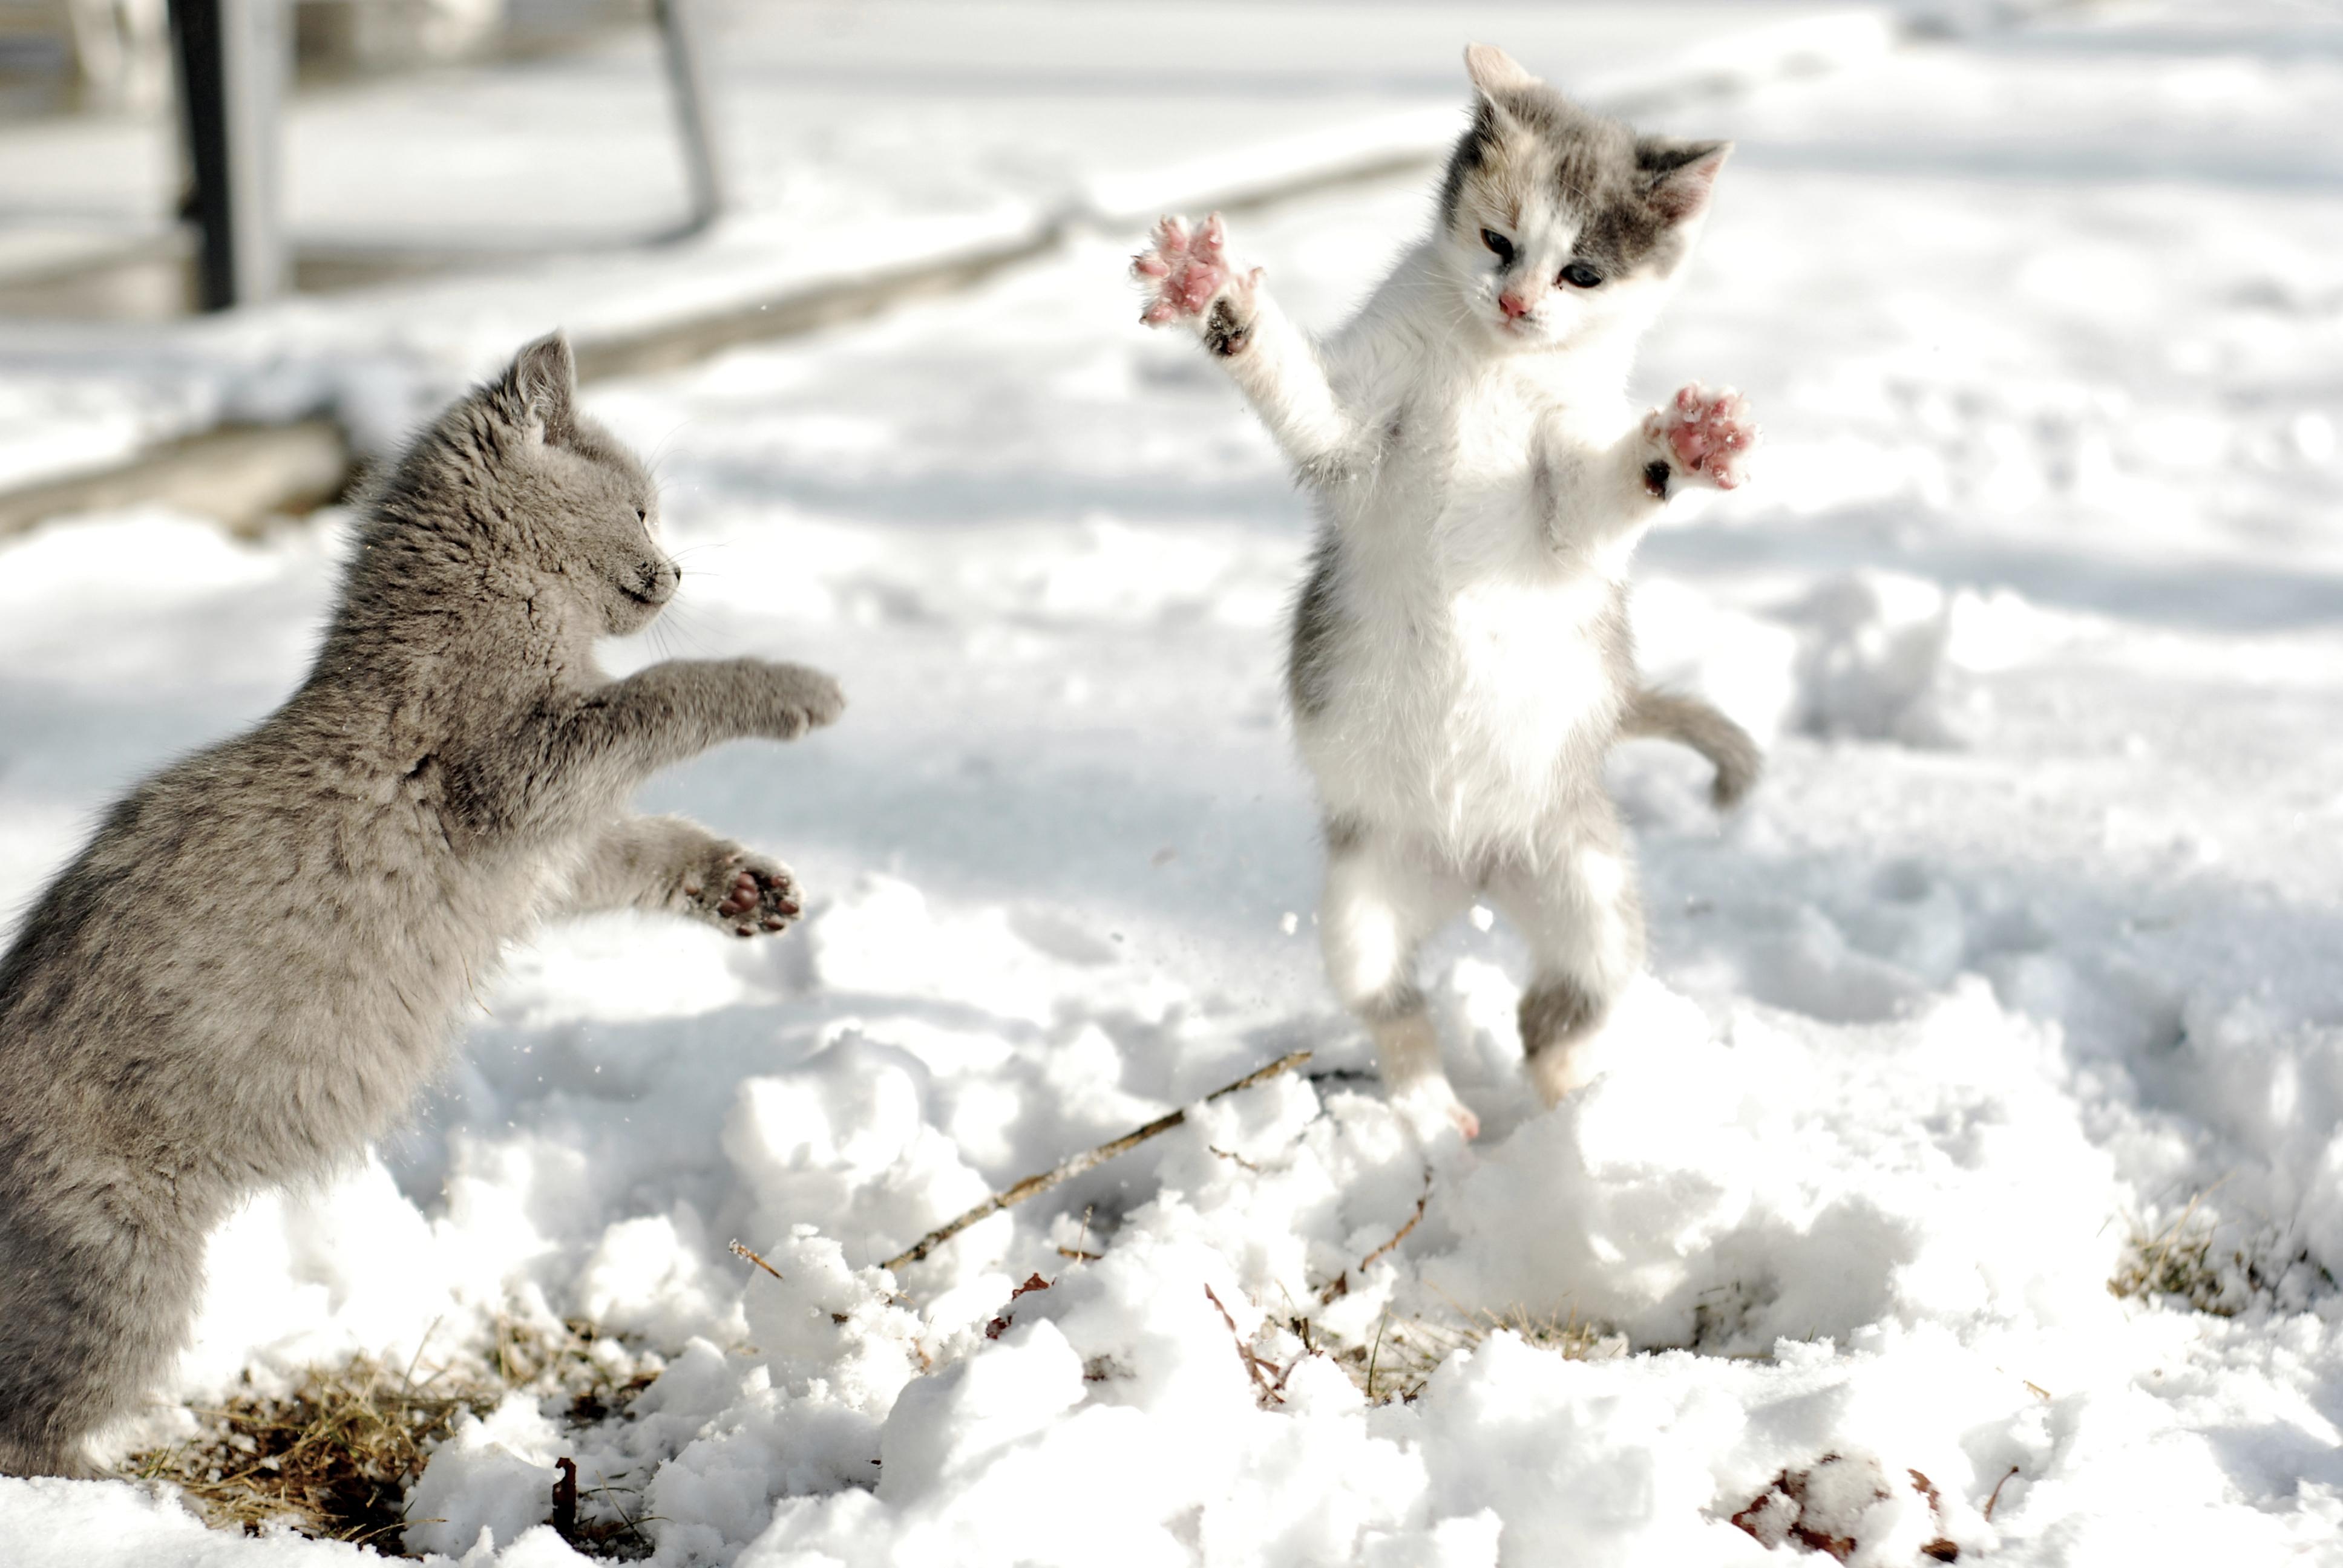 картинки весна животные на снегу безусловно, стоит сваливать